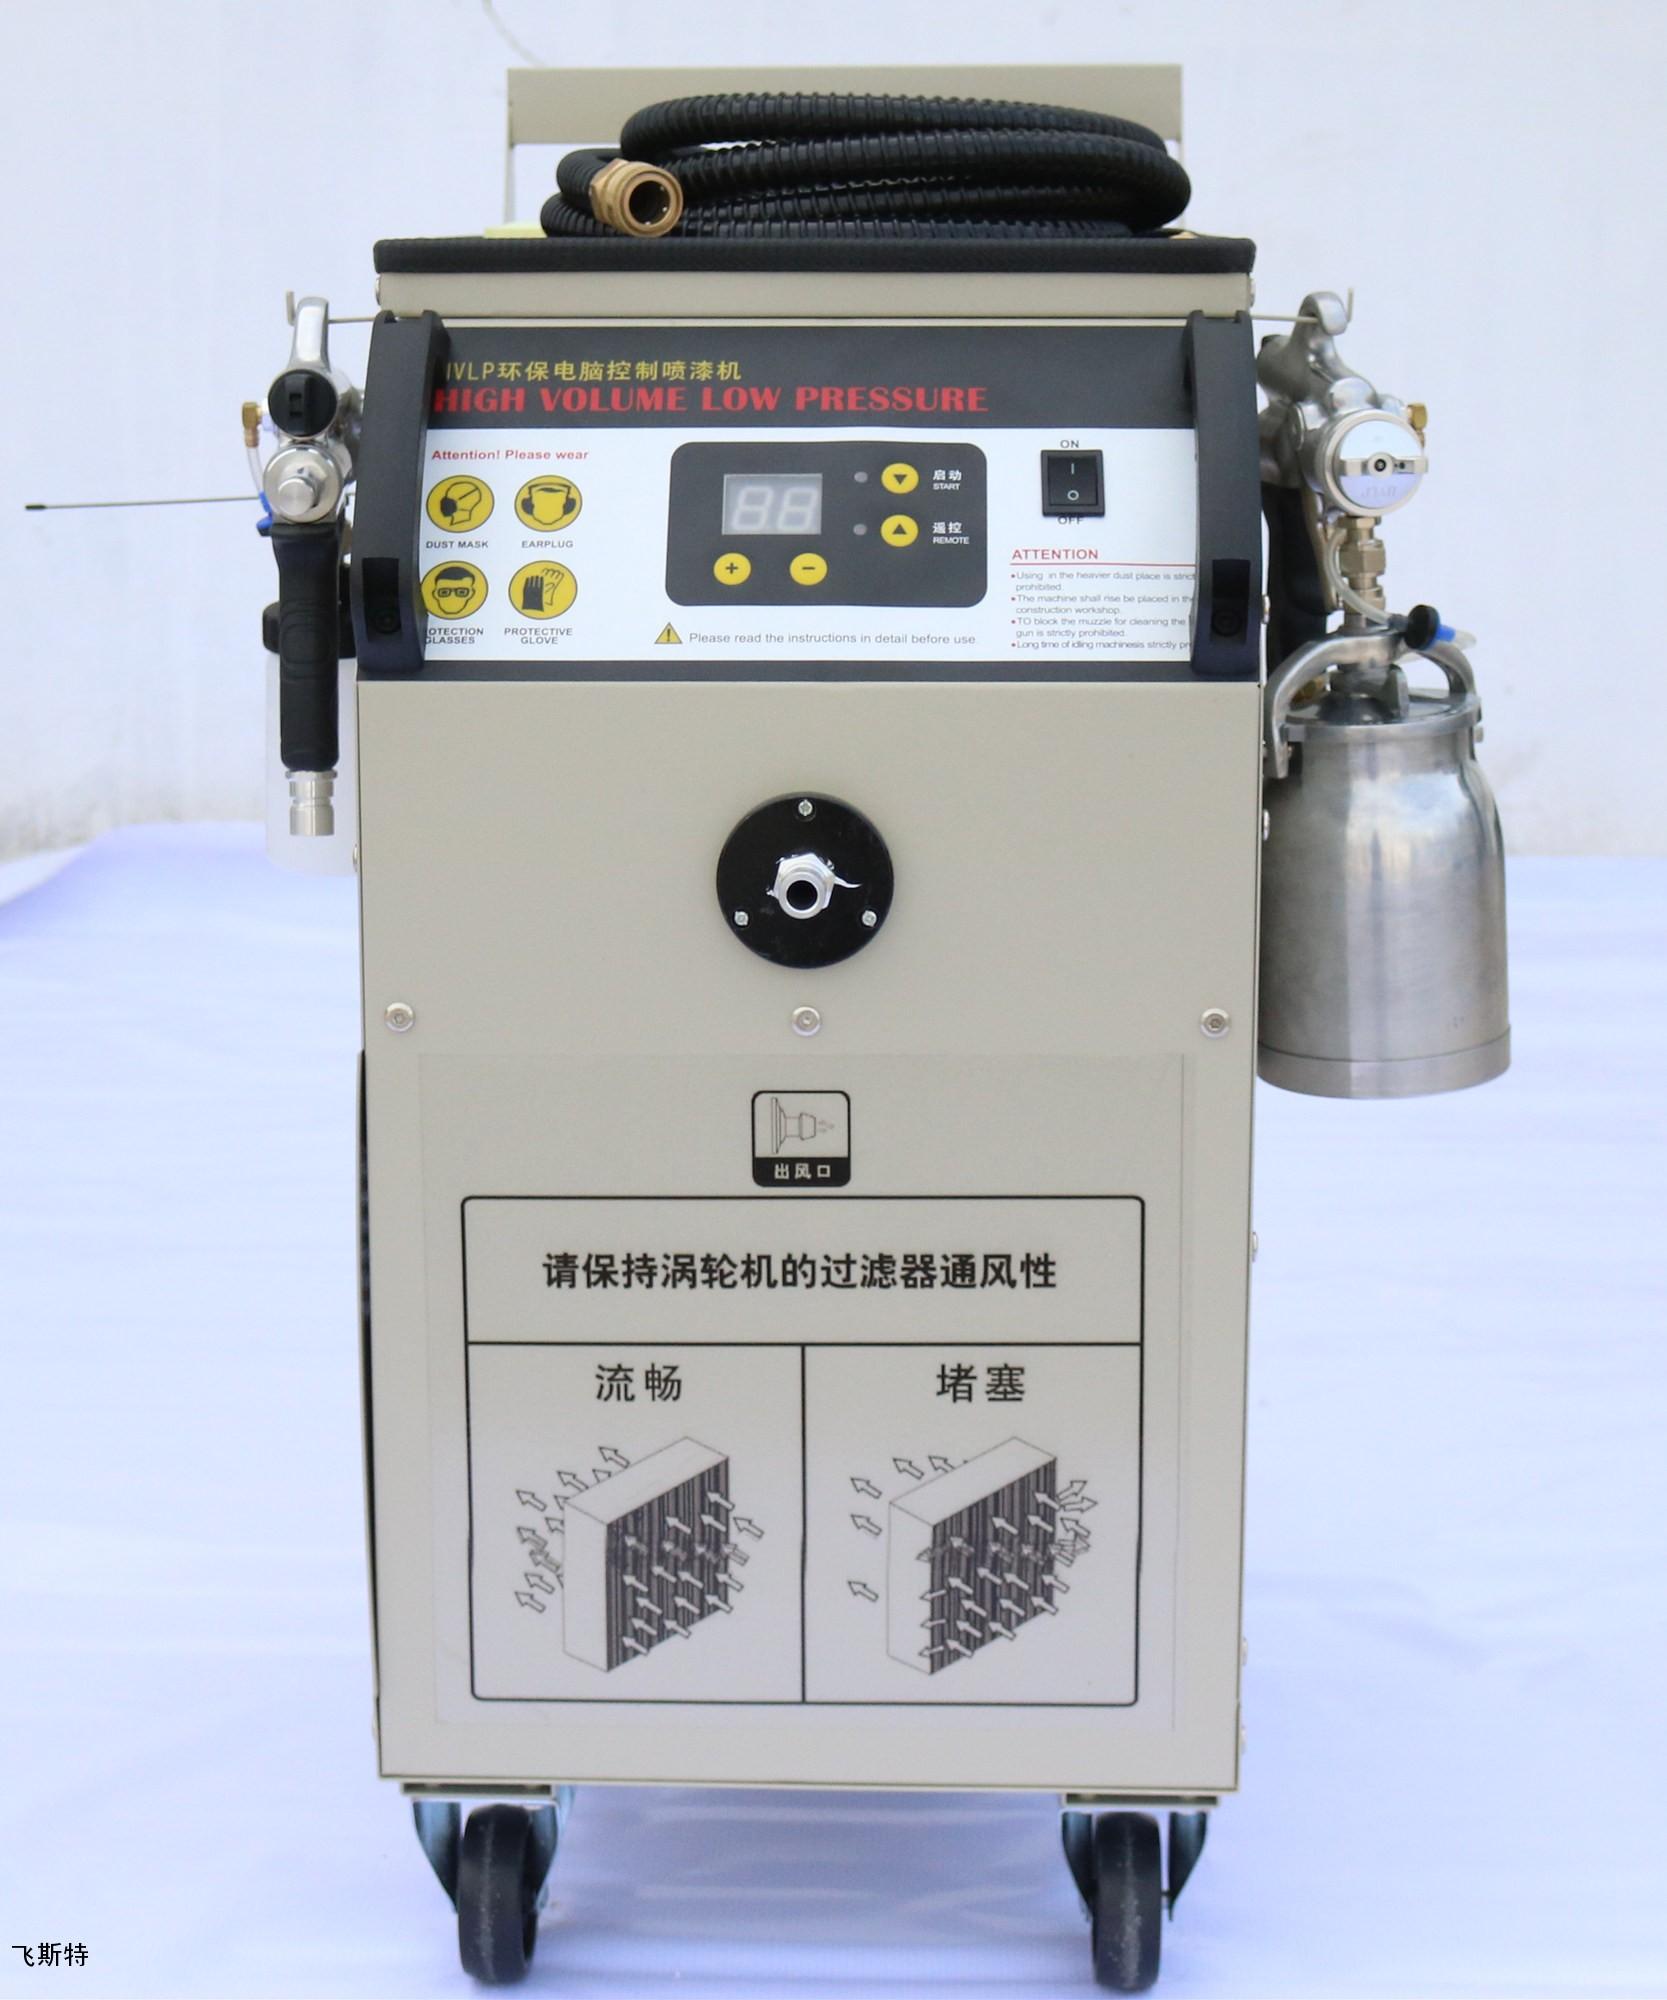 hvlp低压喷涂设备